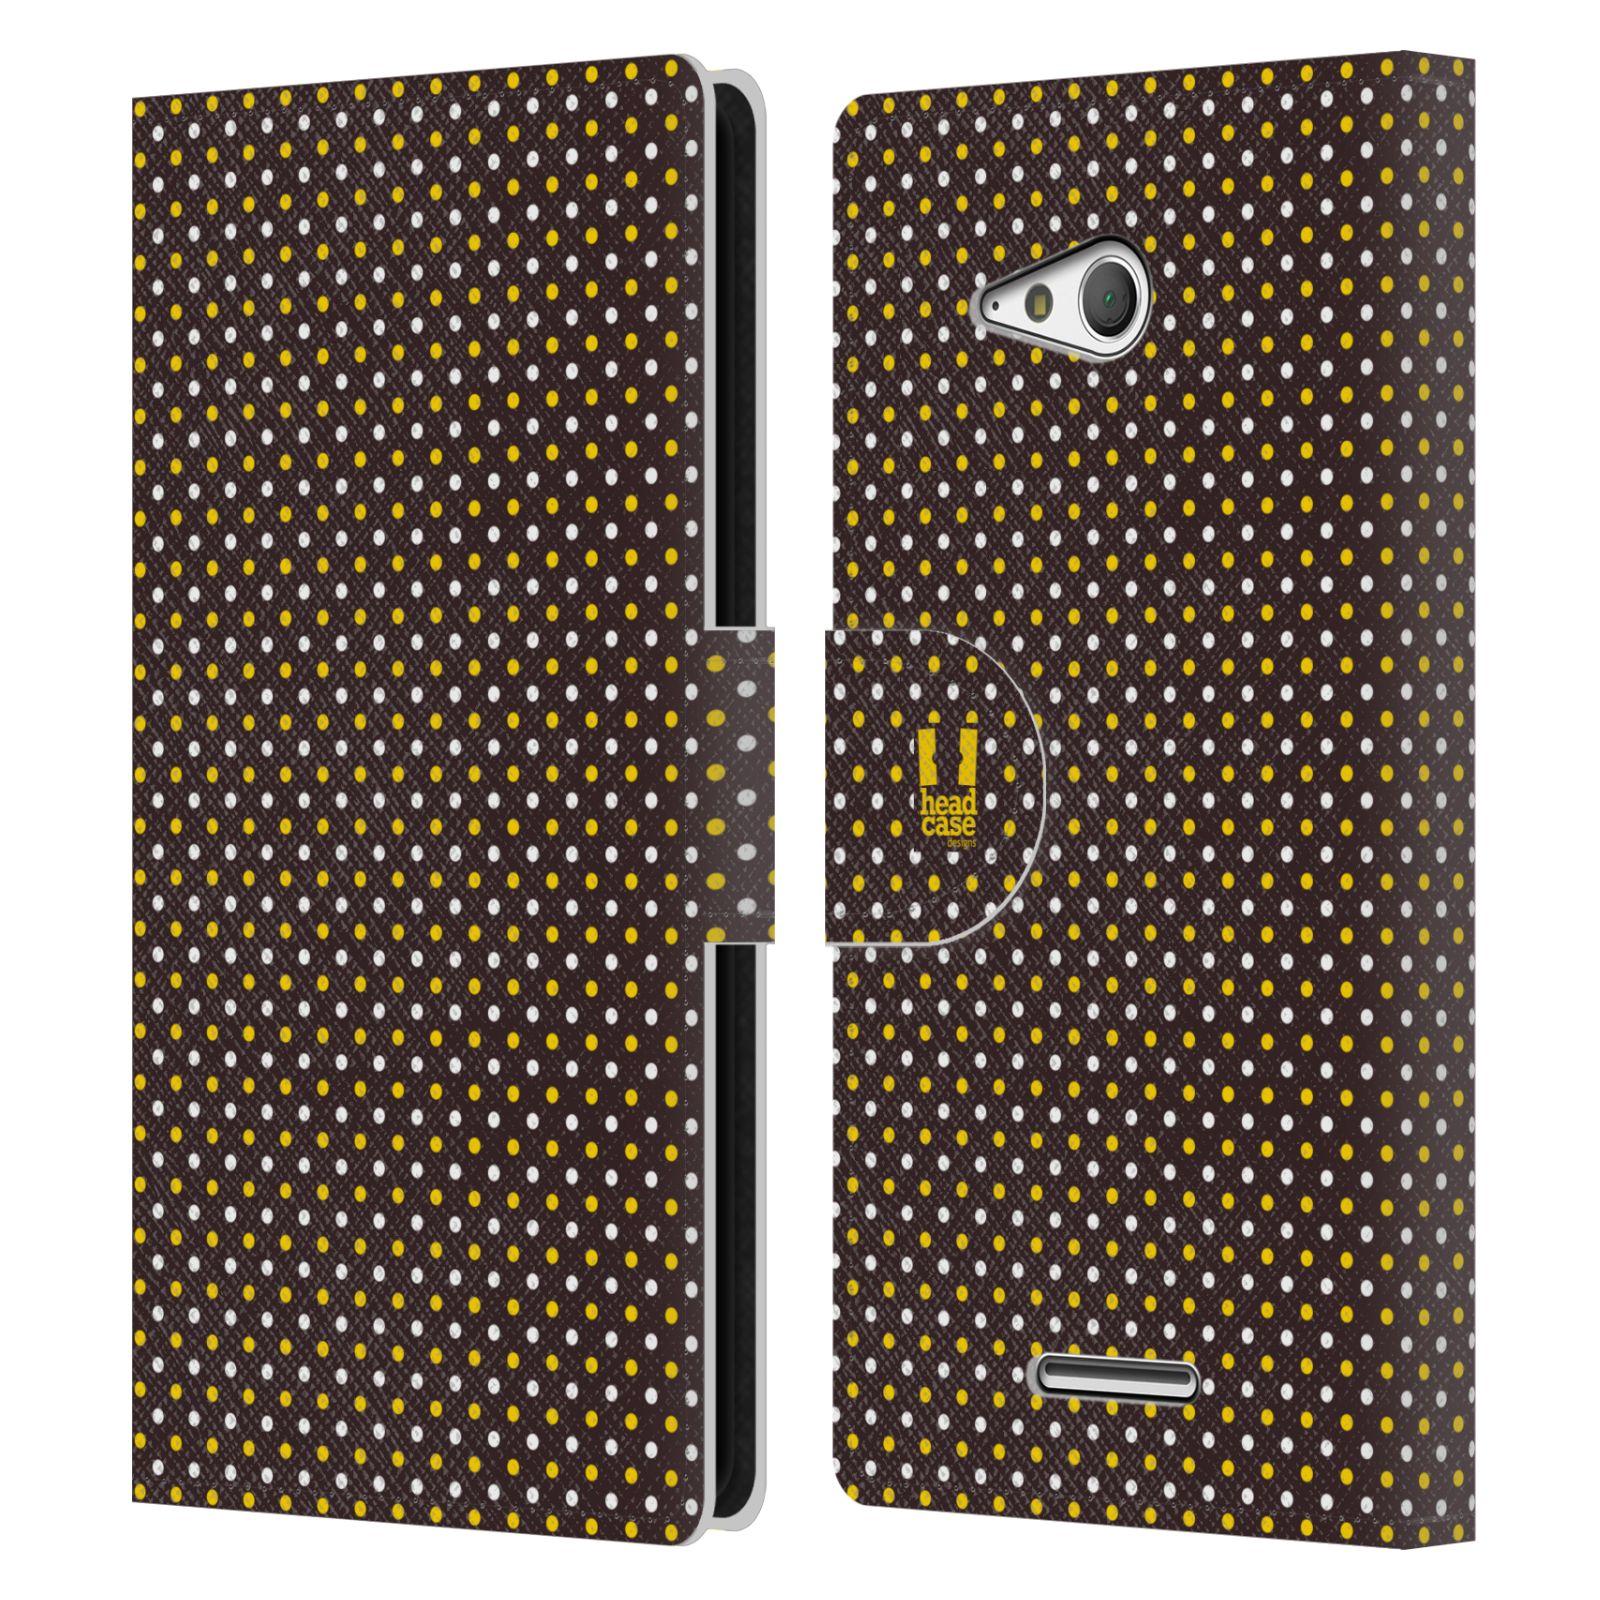 HEAD CASE Flipové pouzdro pro mobil SONY XPERIA E4g VČELÍ VZOR puntíky hnědá a žlutá